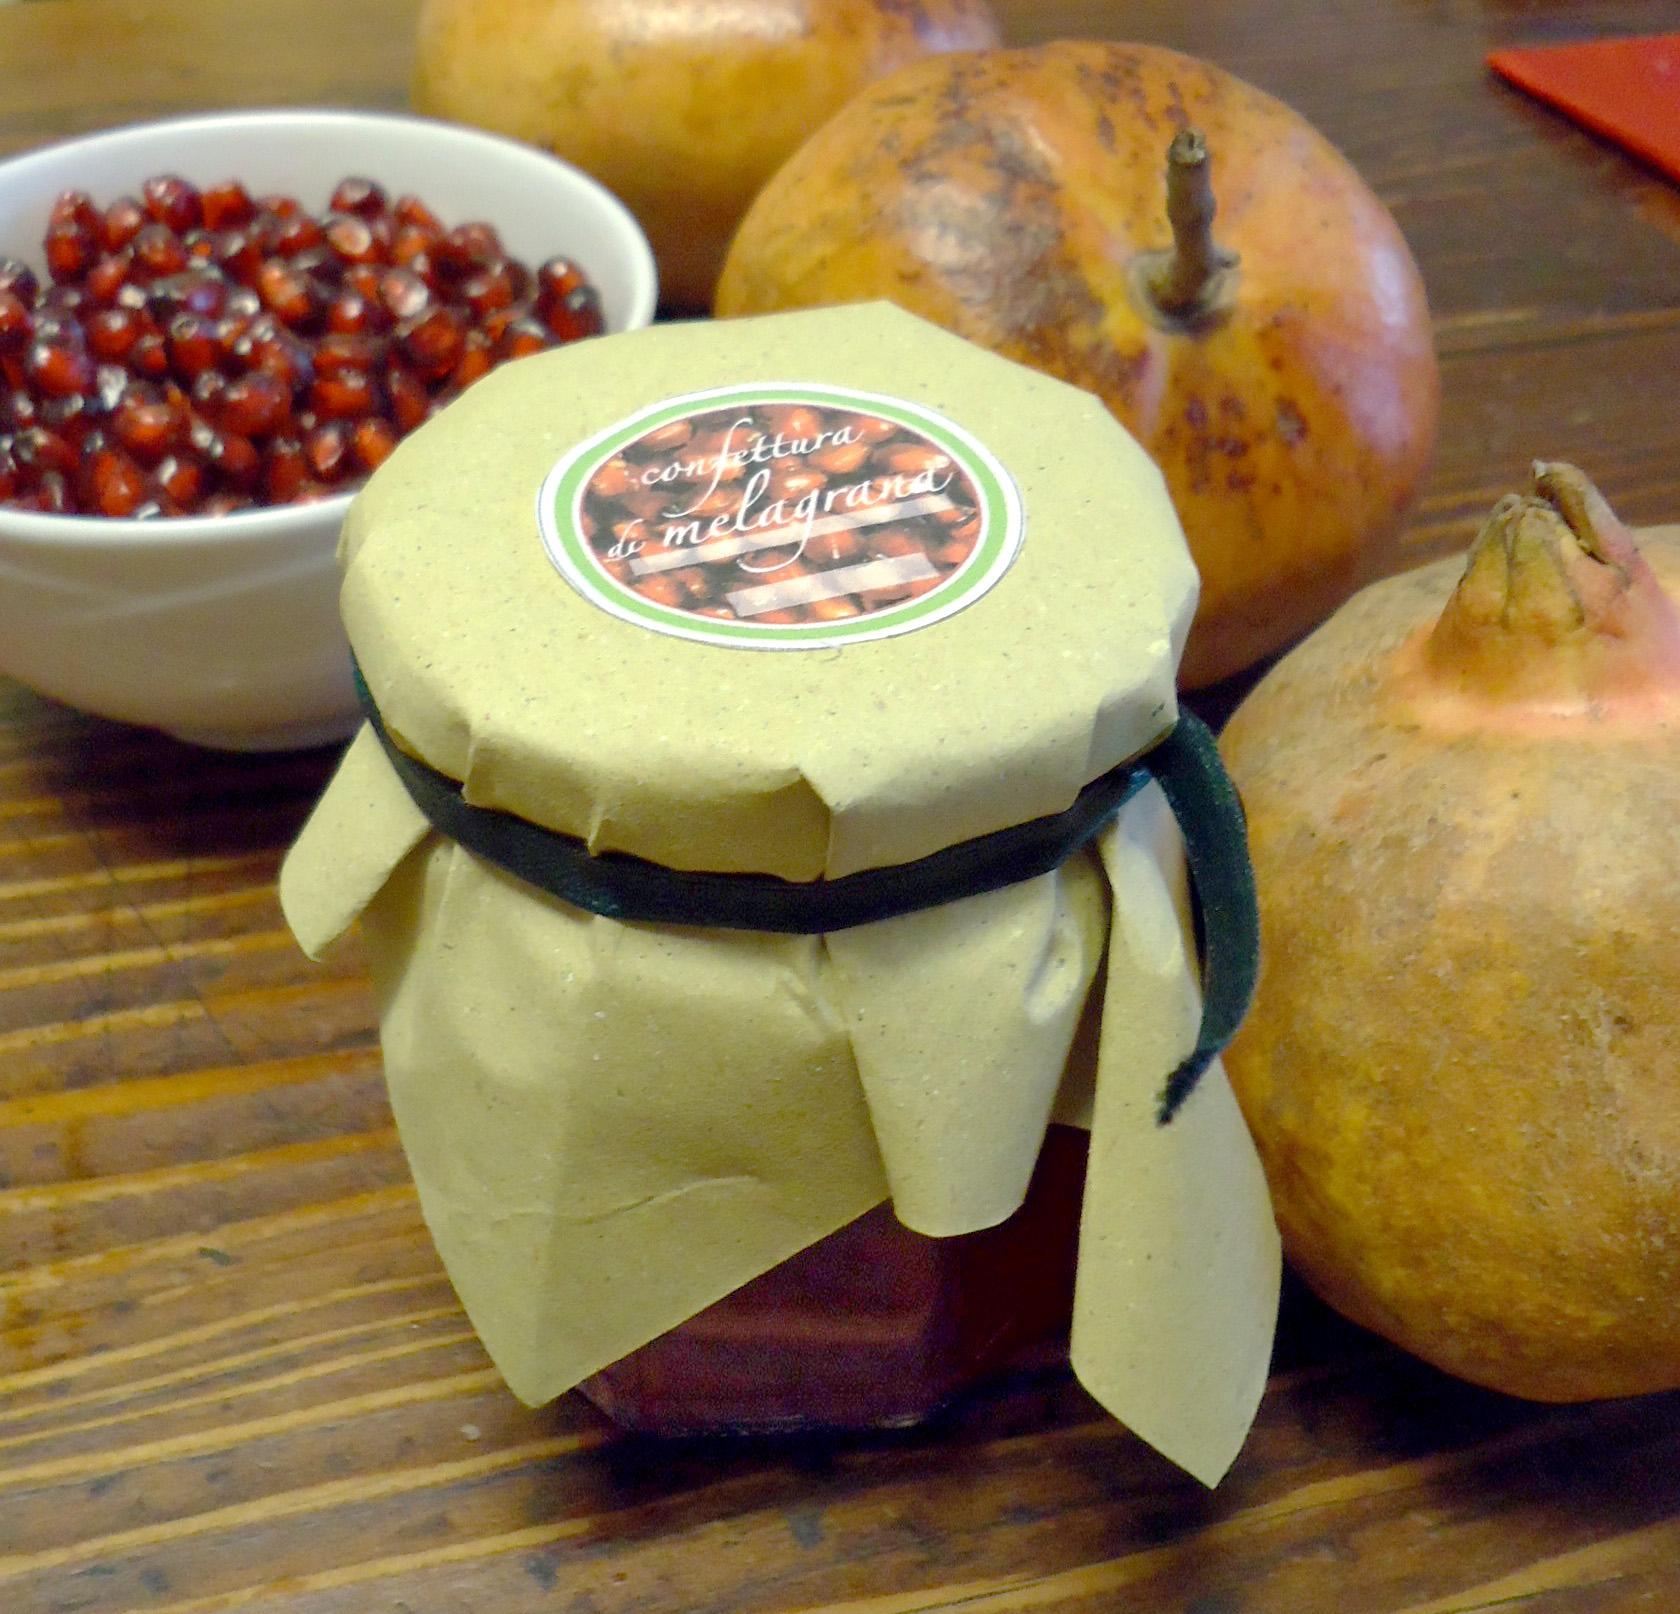 confettura di melagrana con miele - barattolo etichetta